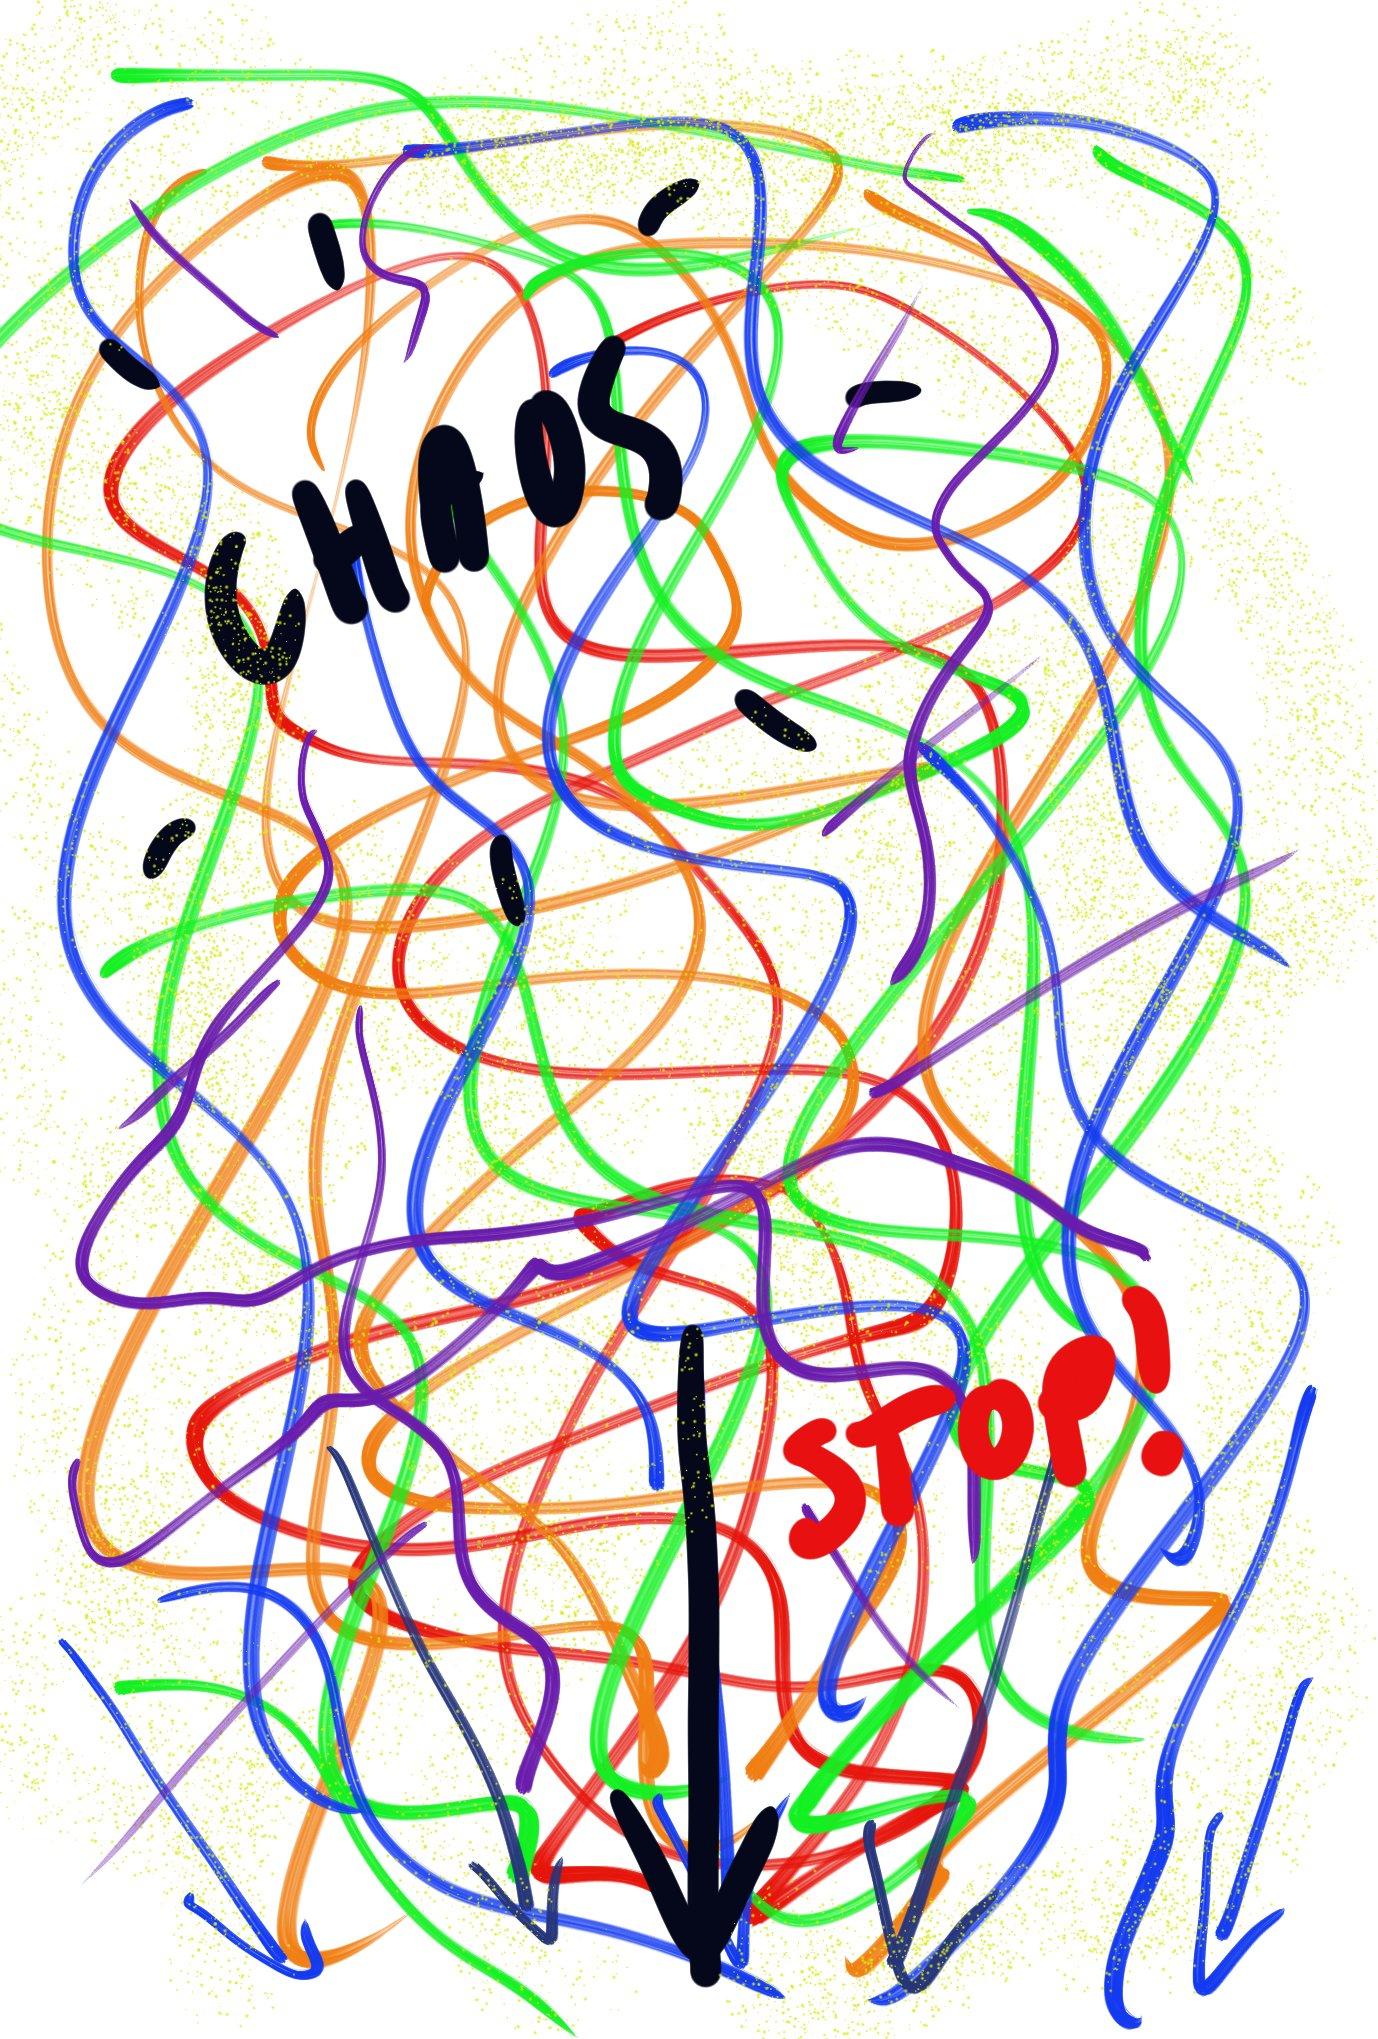 Dagelijkse chaos en overprikkeling zorgen voor stress en uitputting